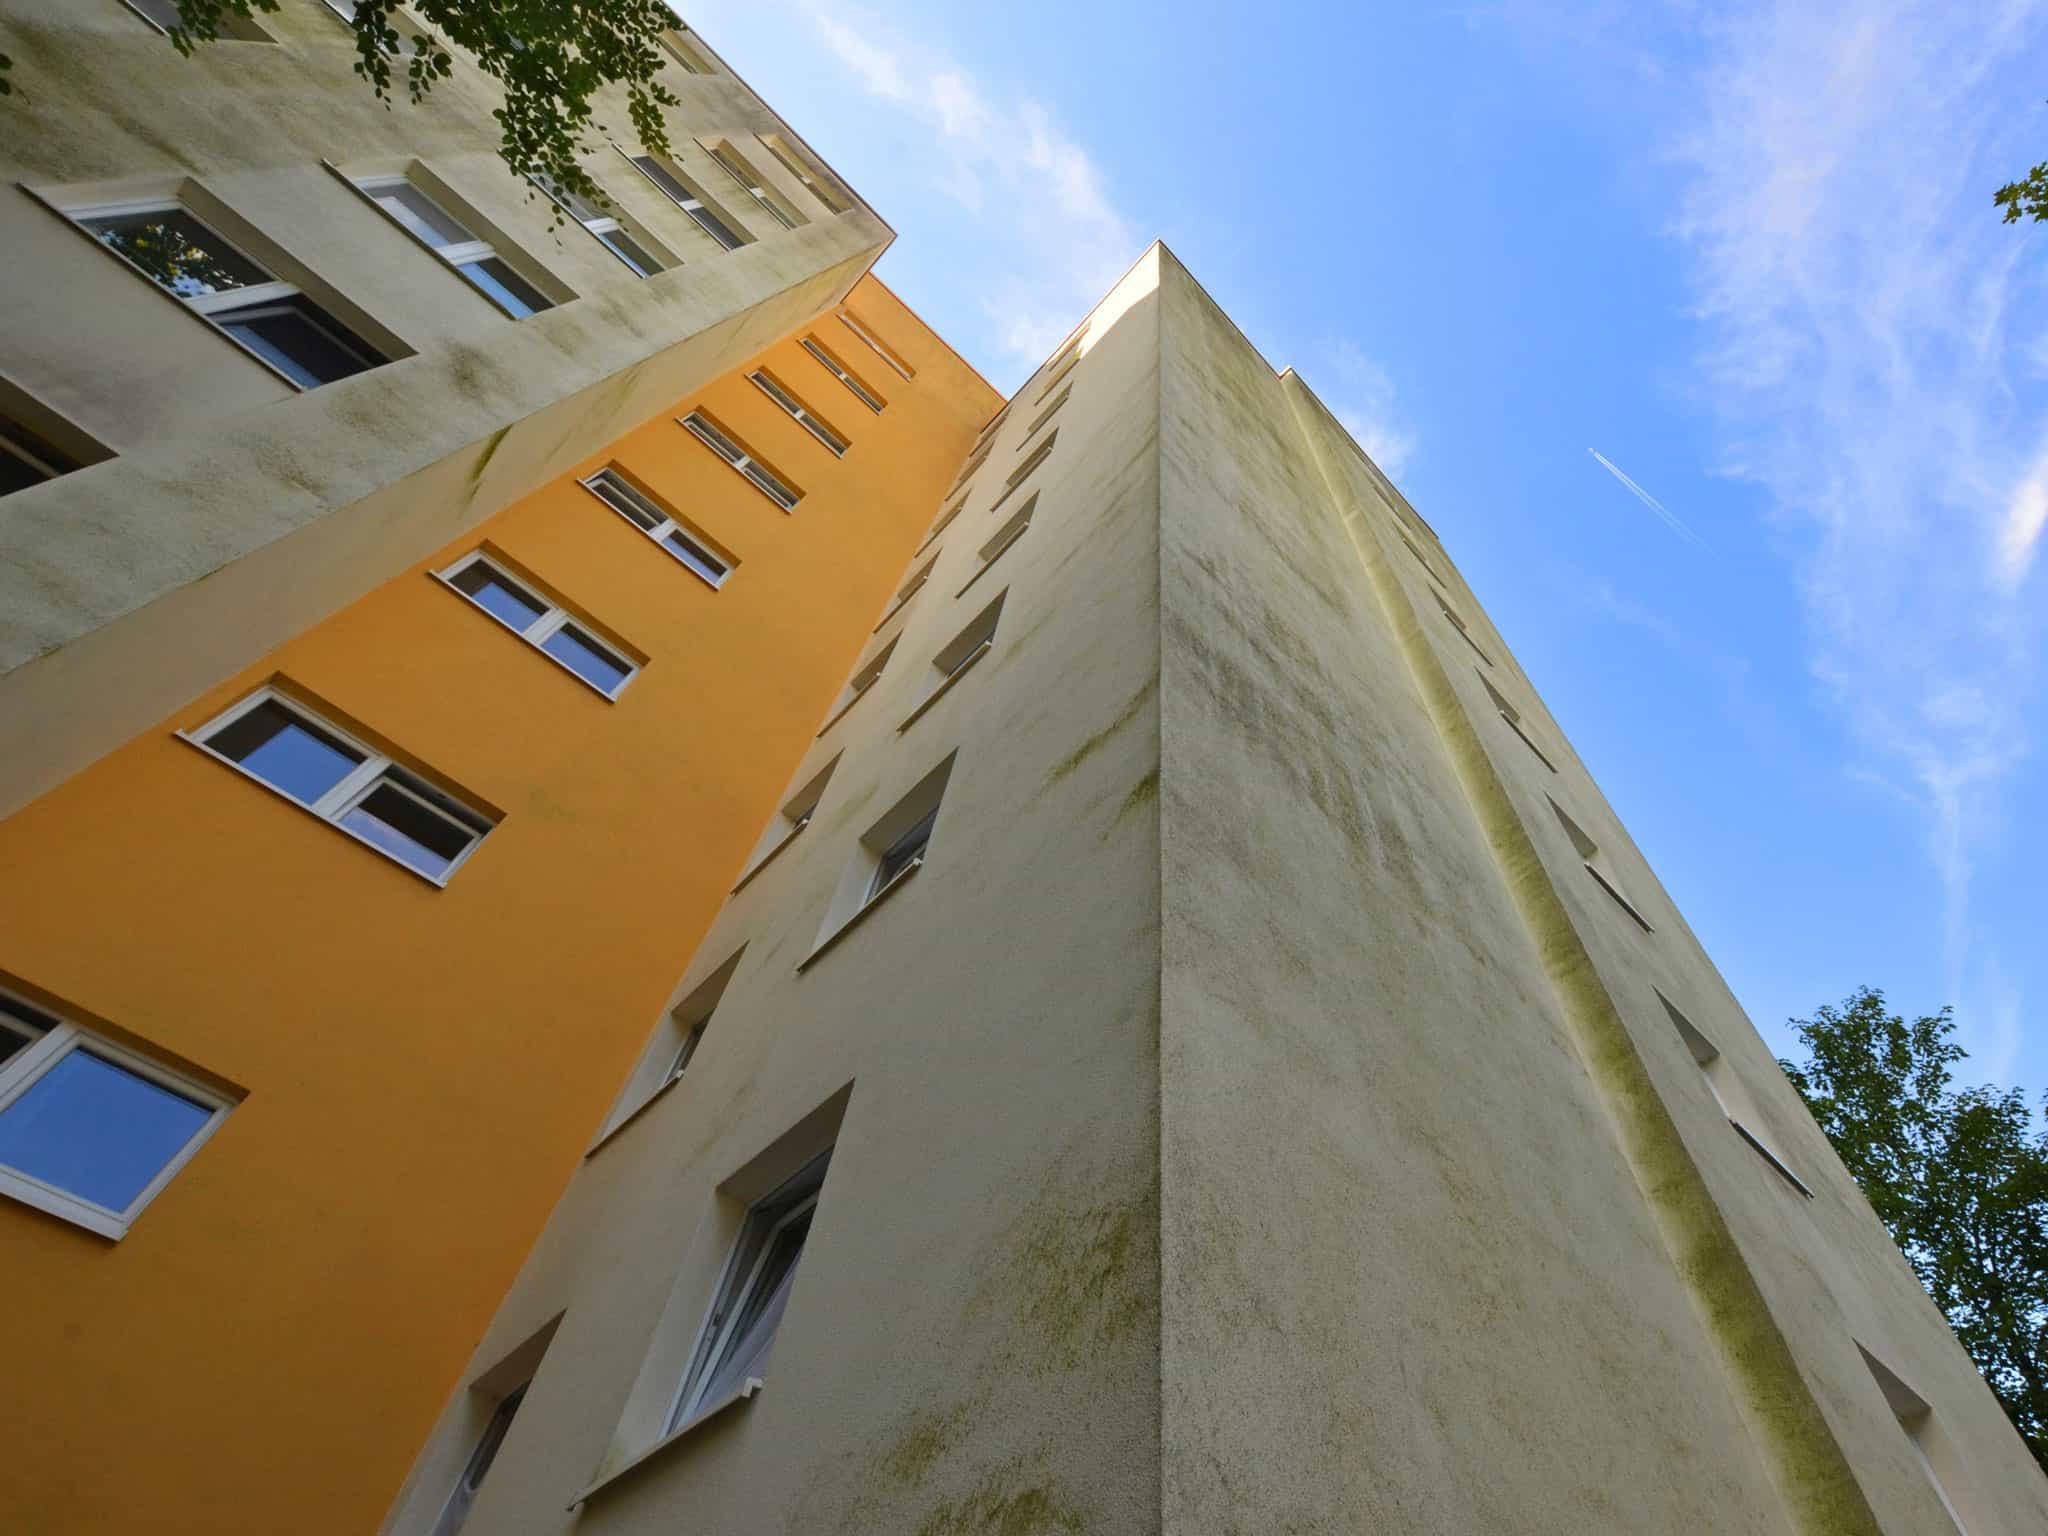 Hochhaus stark verschmutze Fassade